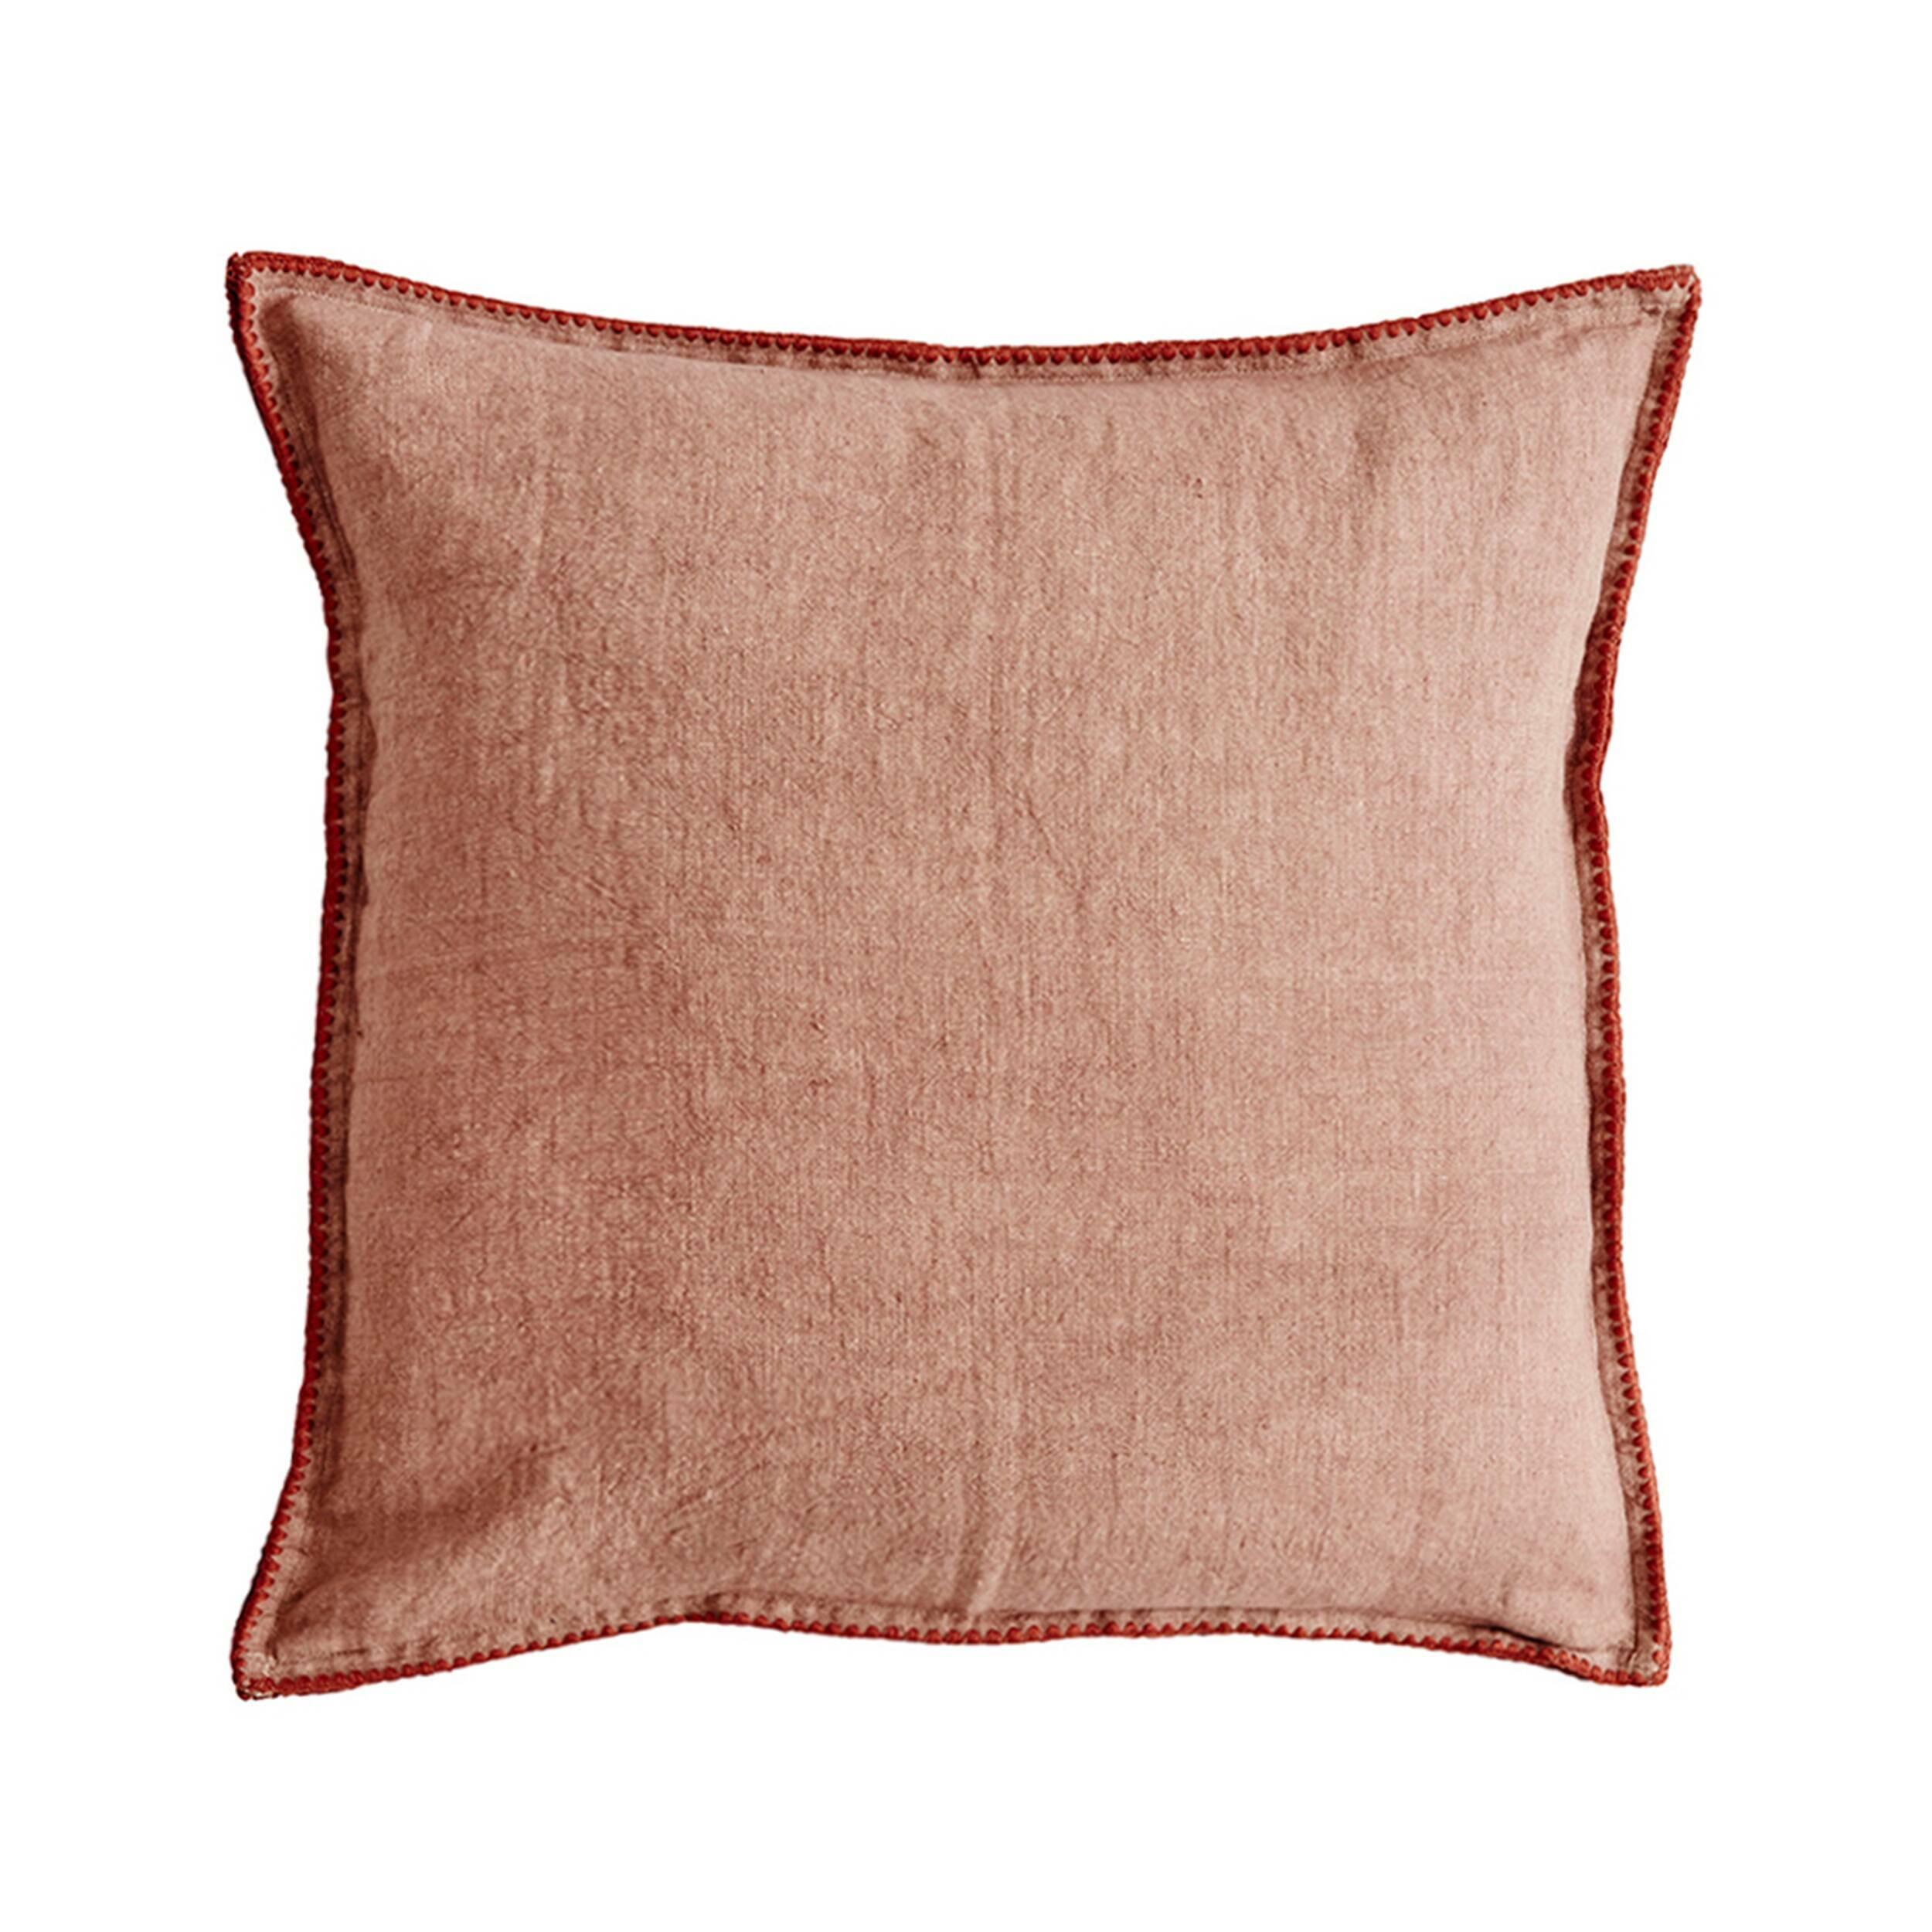 Декоративная подушка Cosmo 16118891 от Cosmorelax